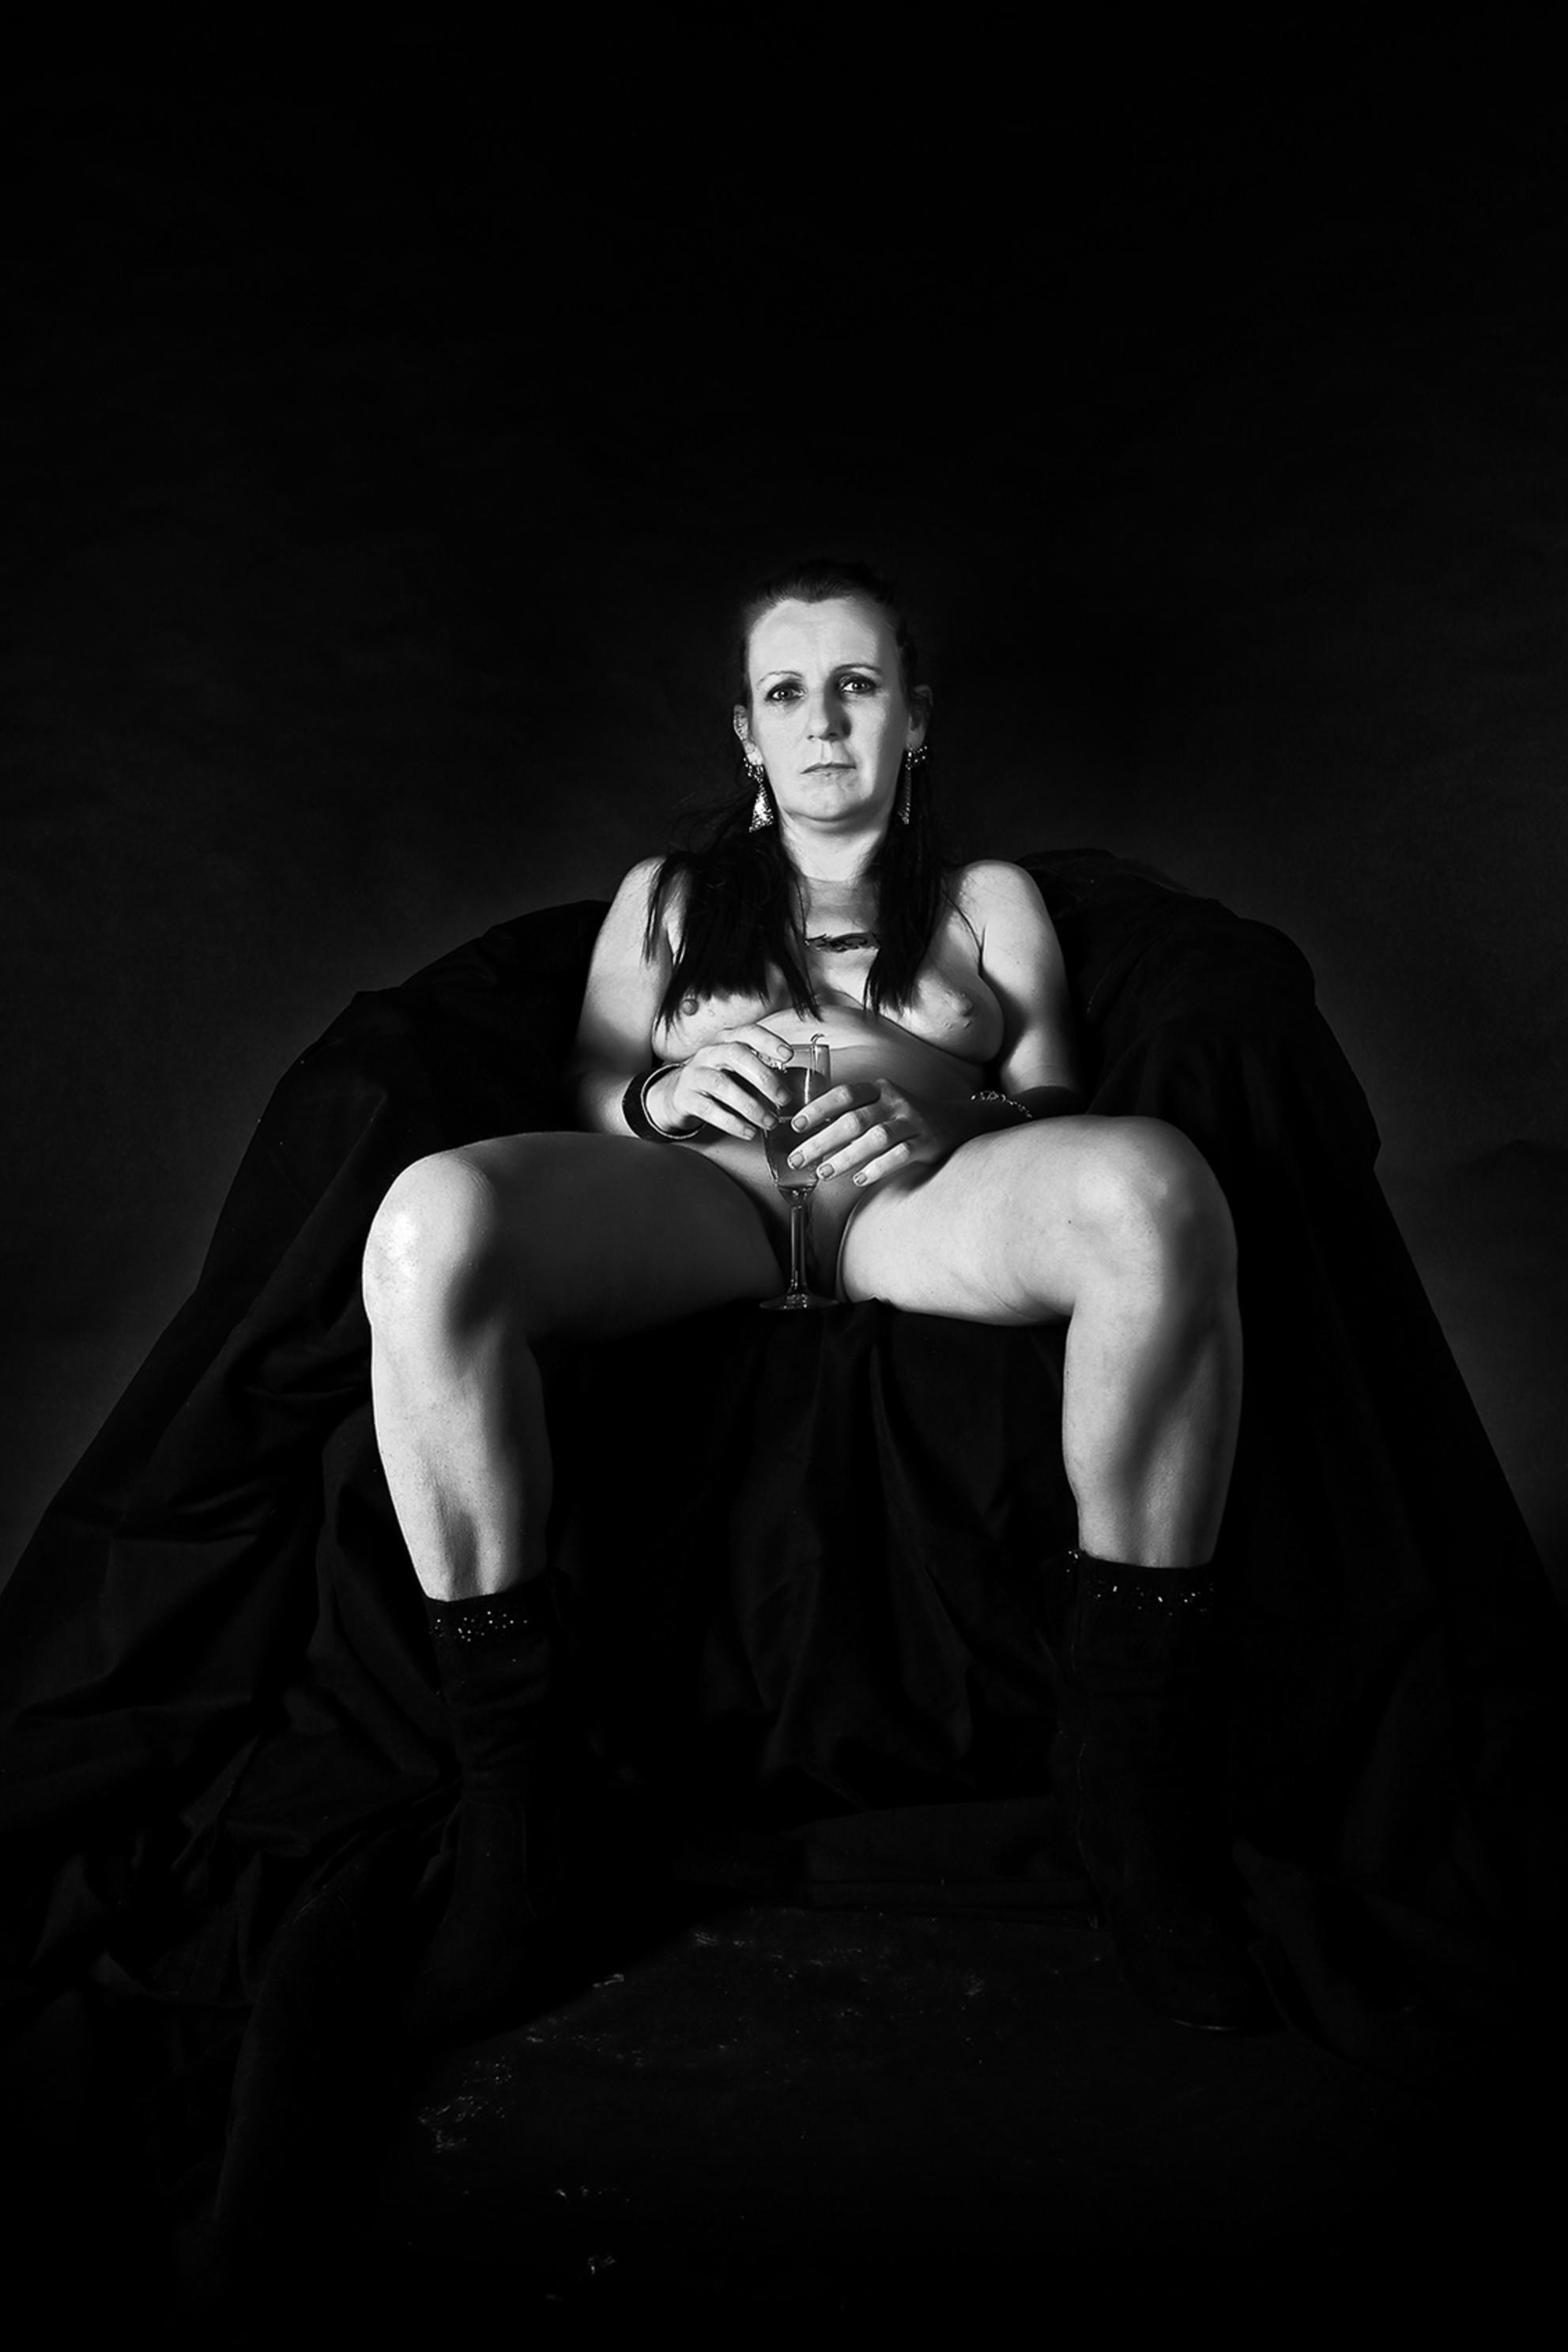 Woman nude in seat with champagne - Studioshoot, zwart wit conversie met Perfect Photo Suite 9. - foto door hybryds op 16-10-2015 - deze foto bevat: vrouw, donker, nude, naakt, hard, sensueel, zwart wit, hybryds, mature woman